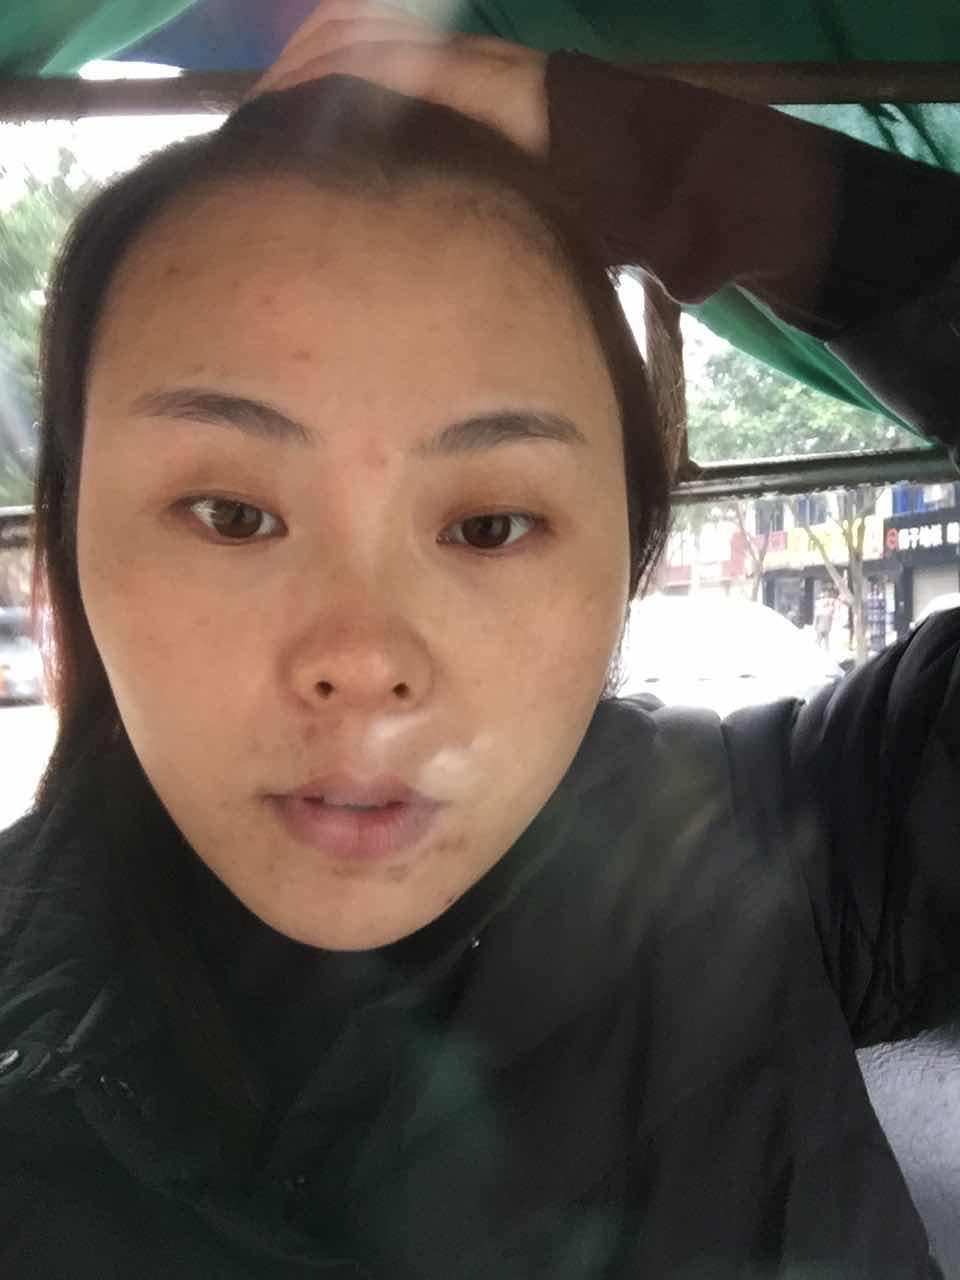 做完双眼皮手术后要注意那些?每一个女孩子都是爱美的,我也不例外,想要变得更美,更耀眼。